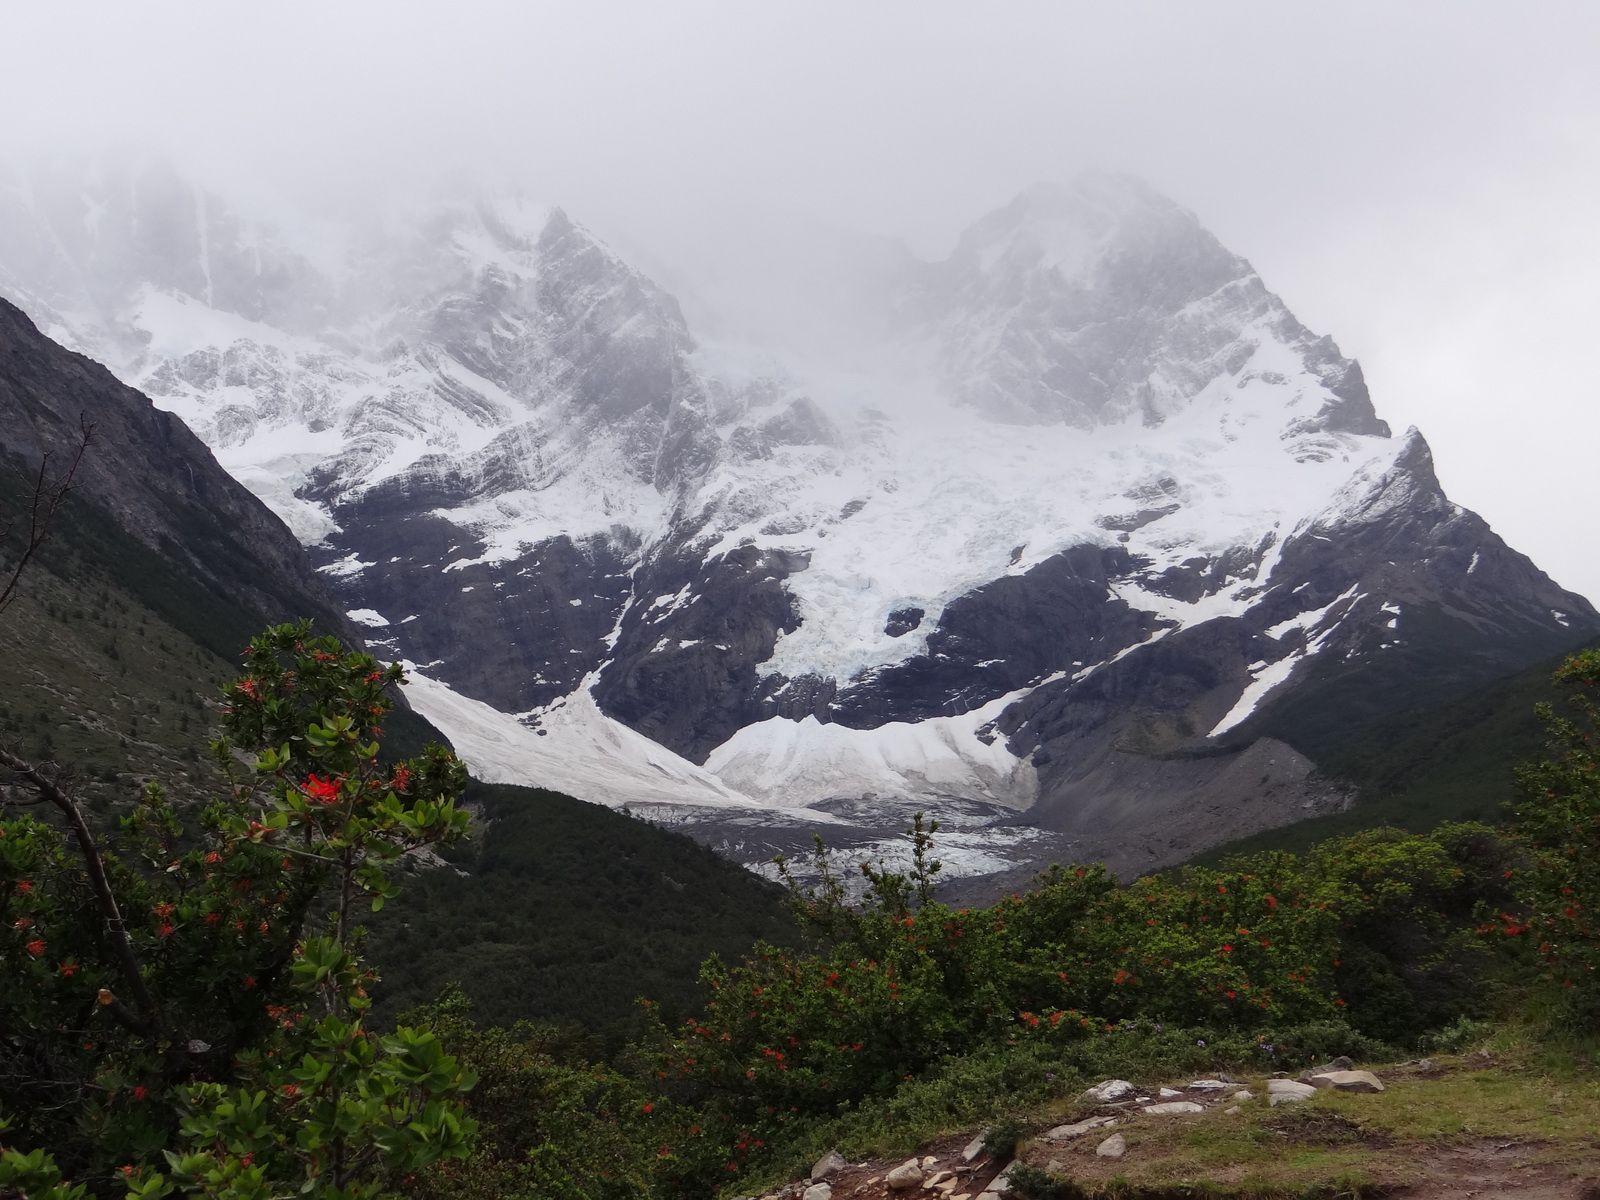 Voyage au Chili en 2013.  2ème partie. Ile Chiloé. Parc Torres Del Paine. Ile de Paques. Santiago